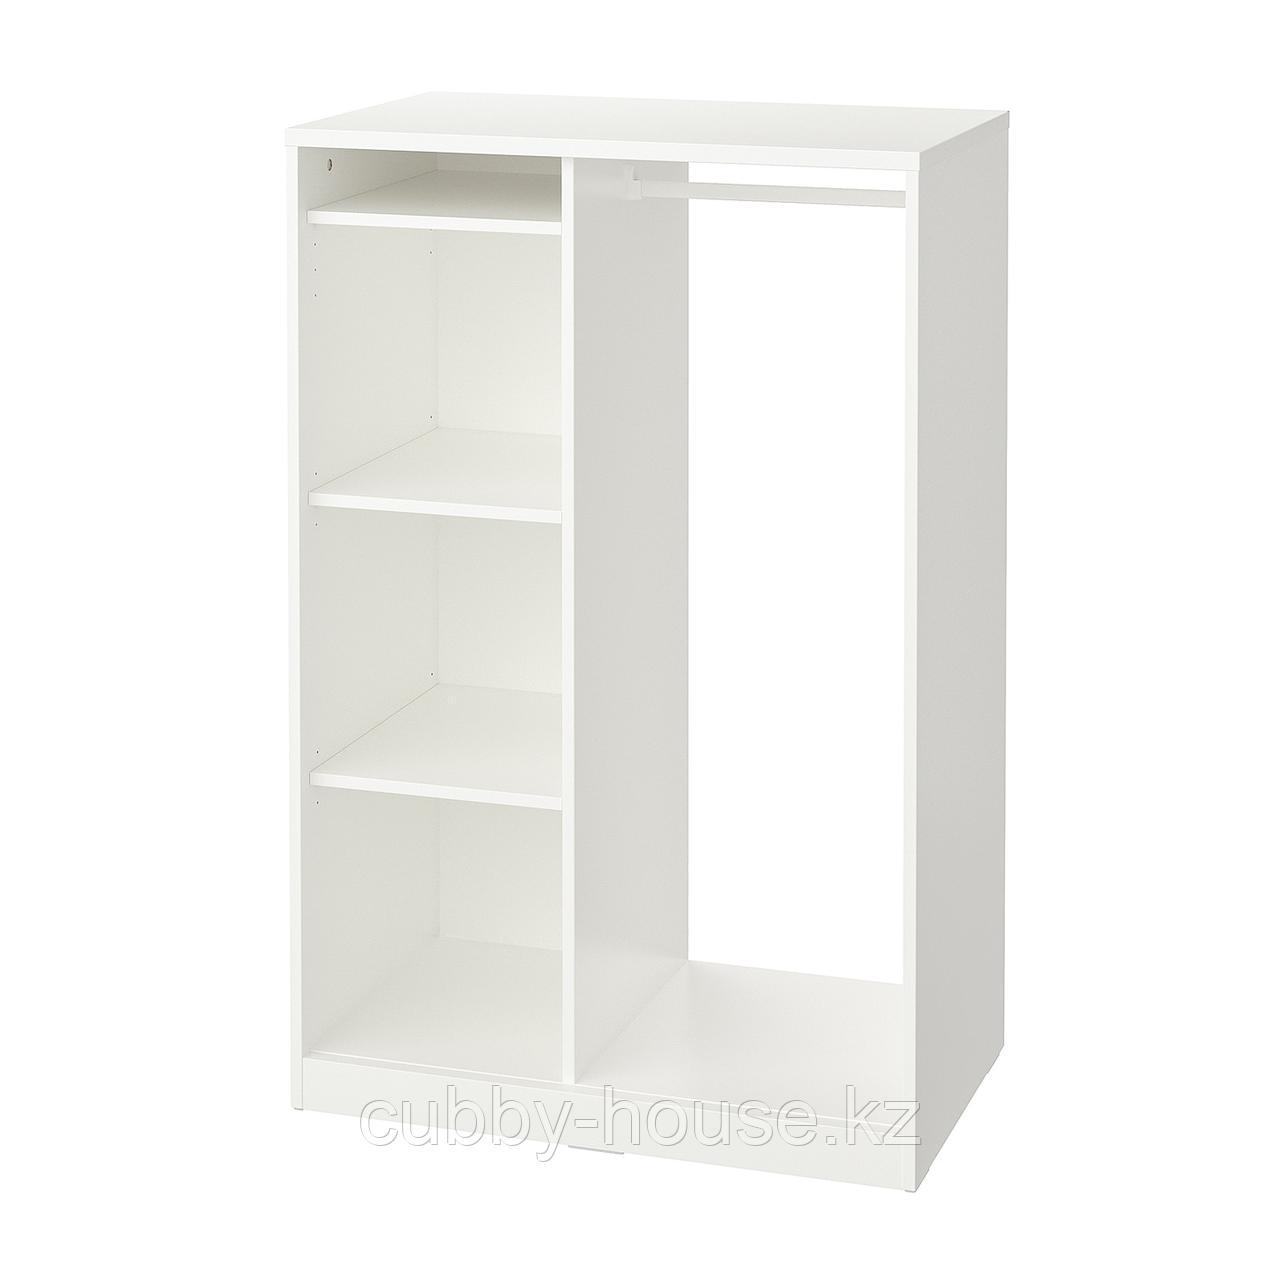 СЮВДЕ Открытый гардероб, белый, 80x123 см